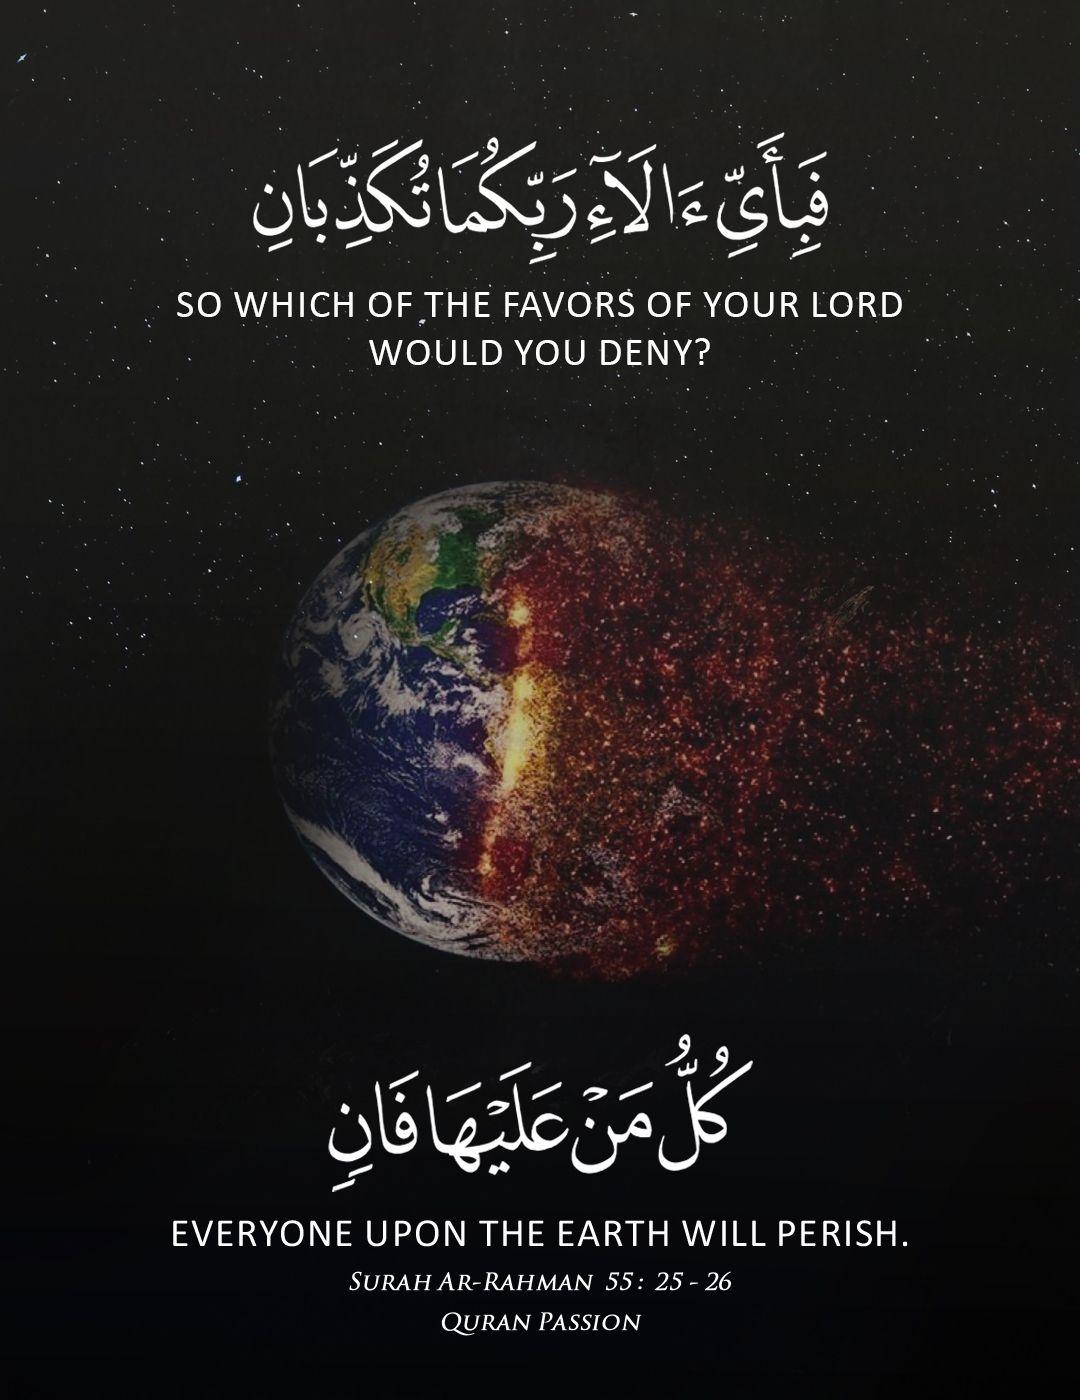 التغير سنة الله في الكون فلا تحزن إذا رحل عنك م ن تحب فكلنا حتم ا إلى زوال وهو الباقي الدائم الذي يرث الخلائق ويرد Prophet Quotes Quran Verses Muslim Quotes